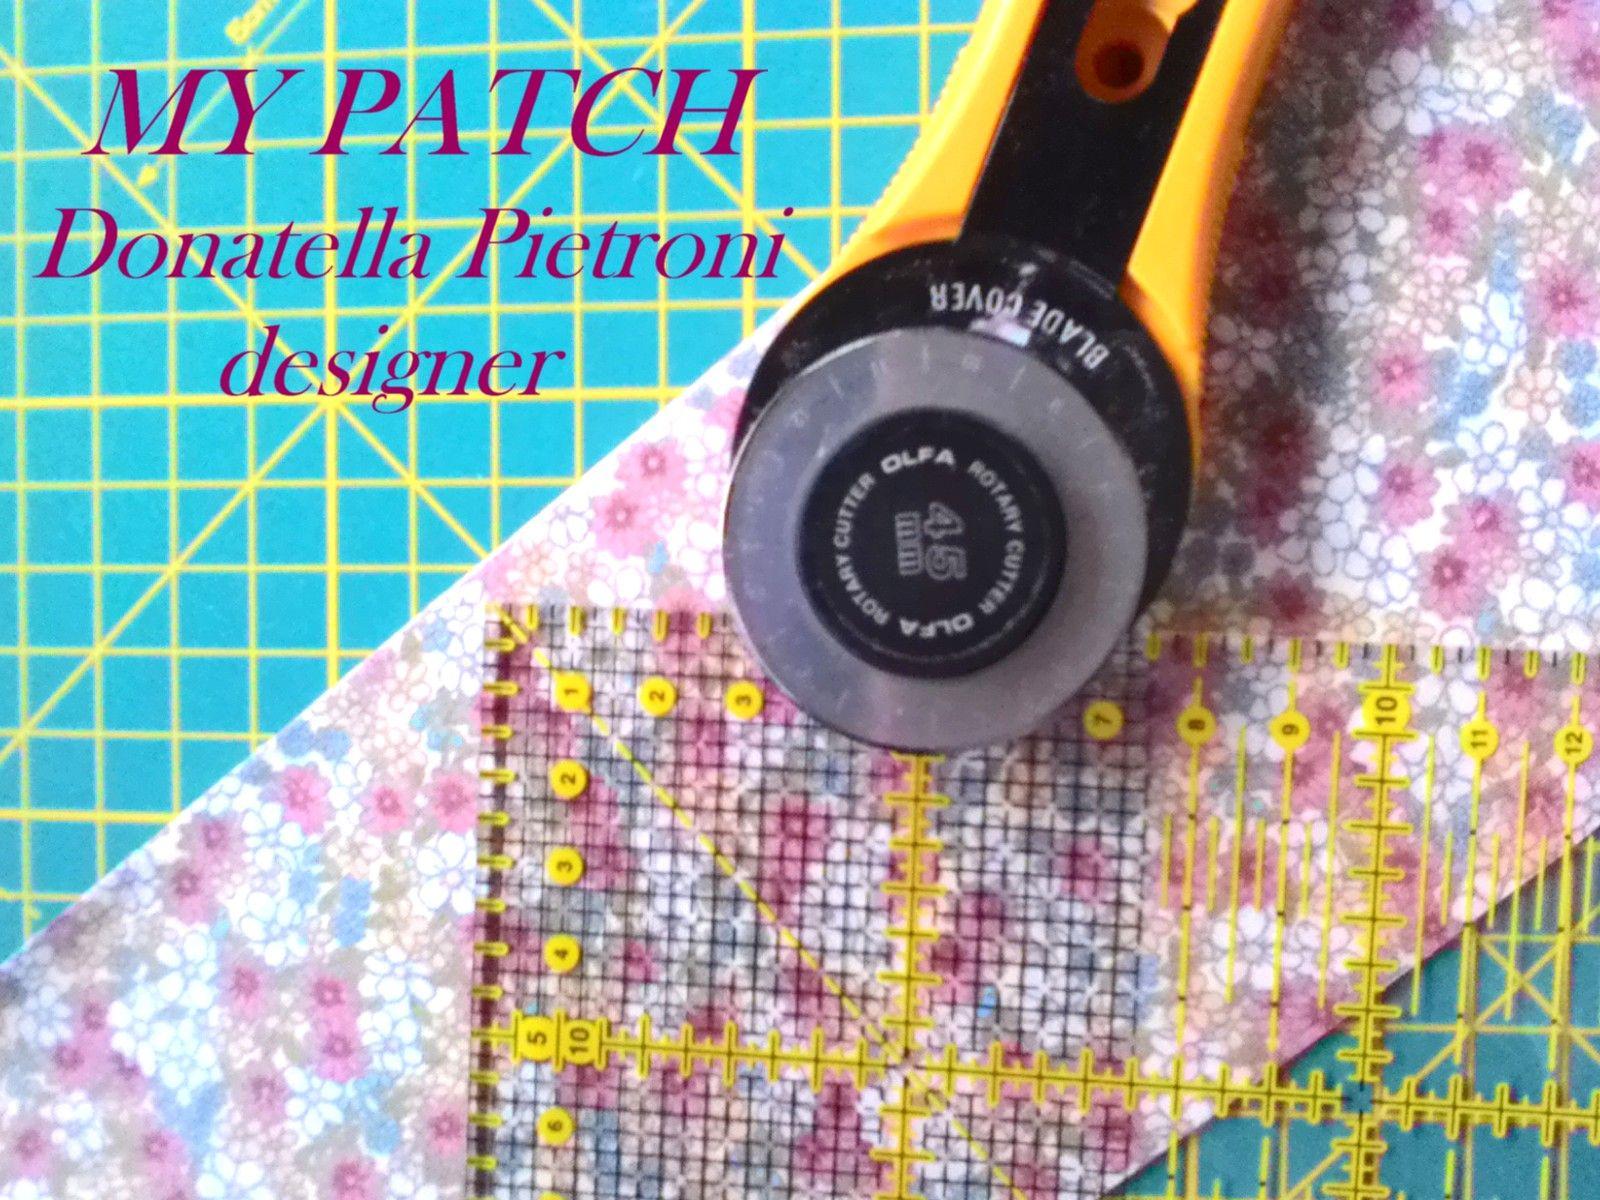 I miei lavori di patchwork - Donatella Pietroni designer